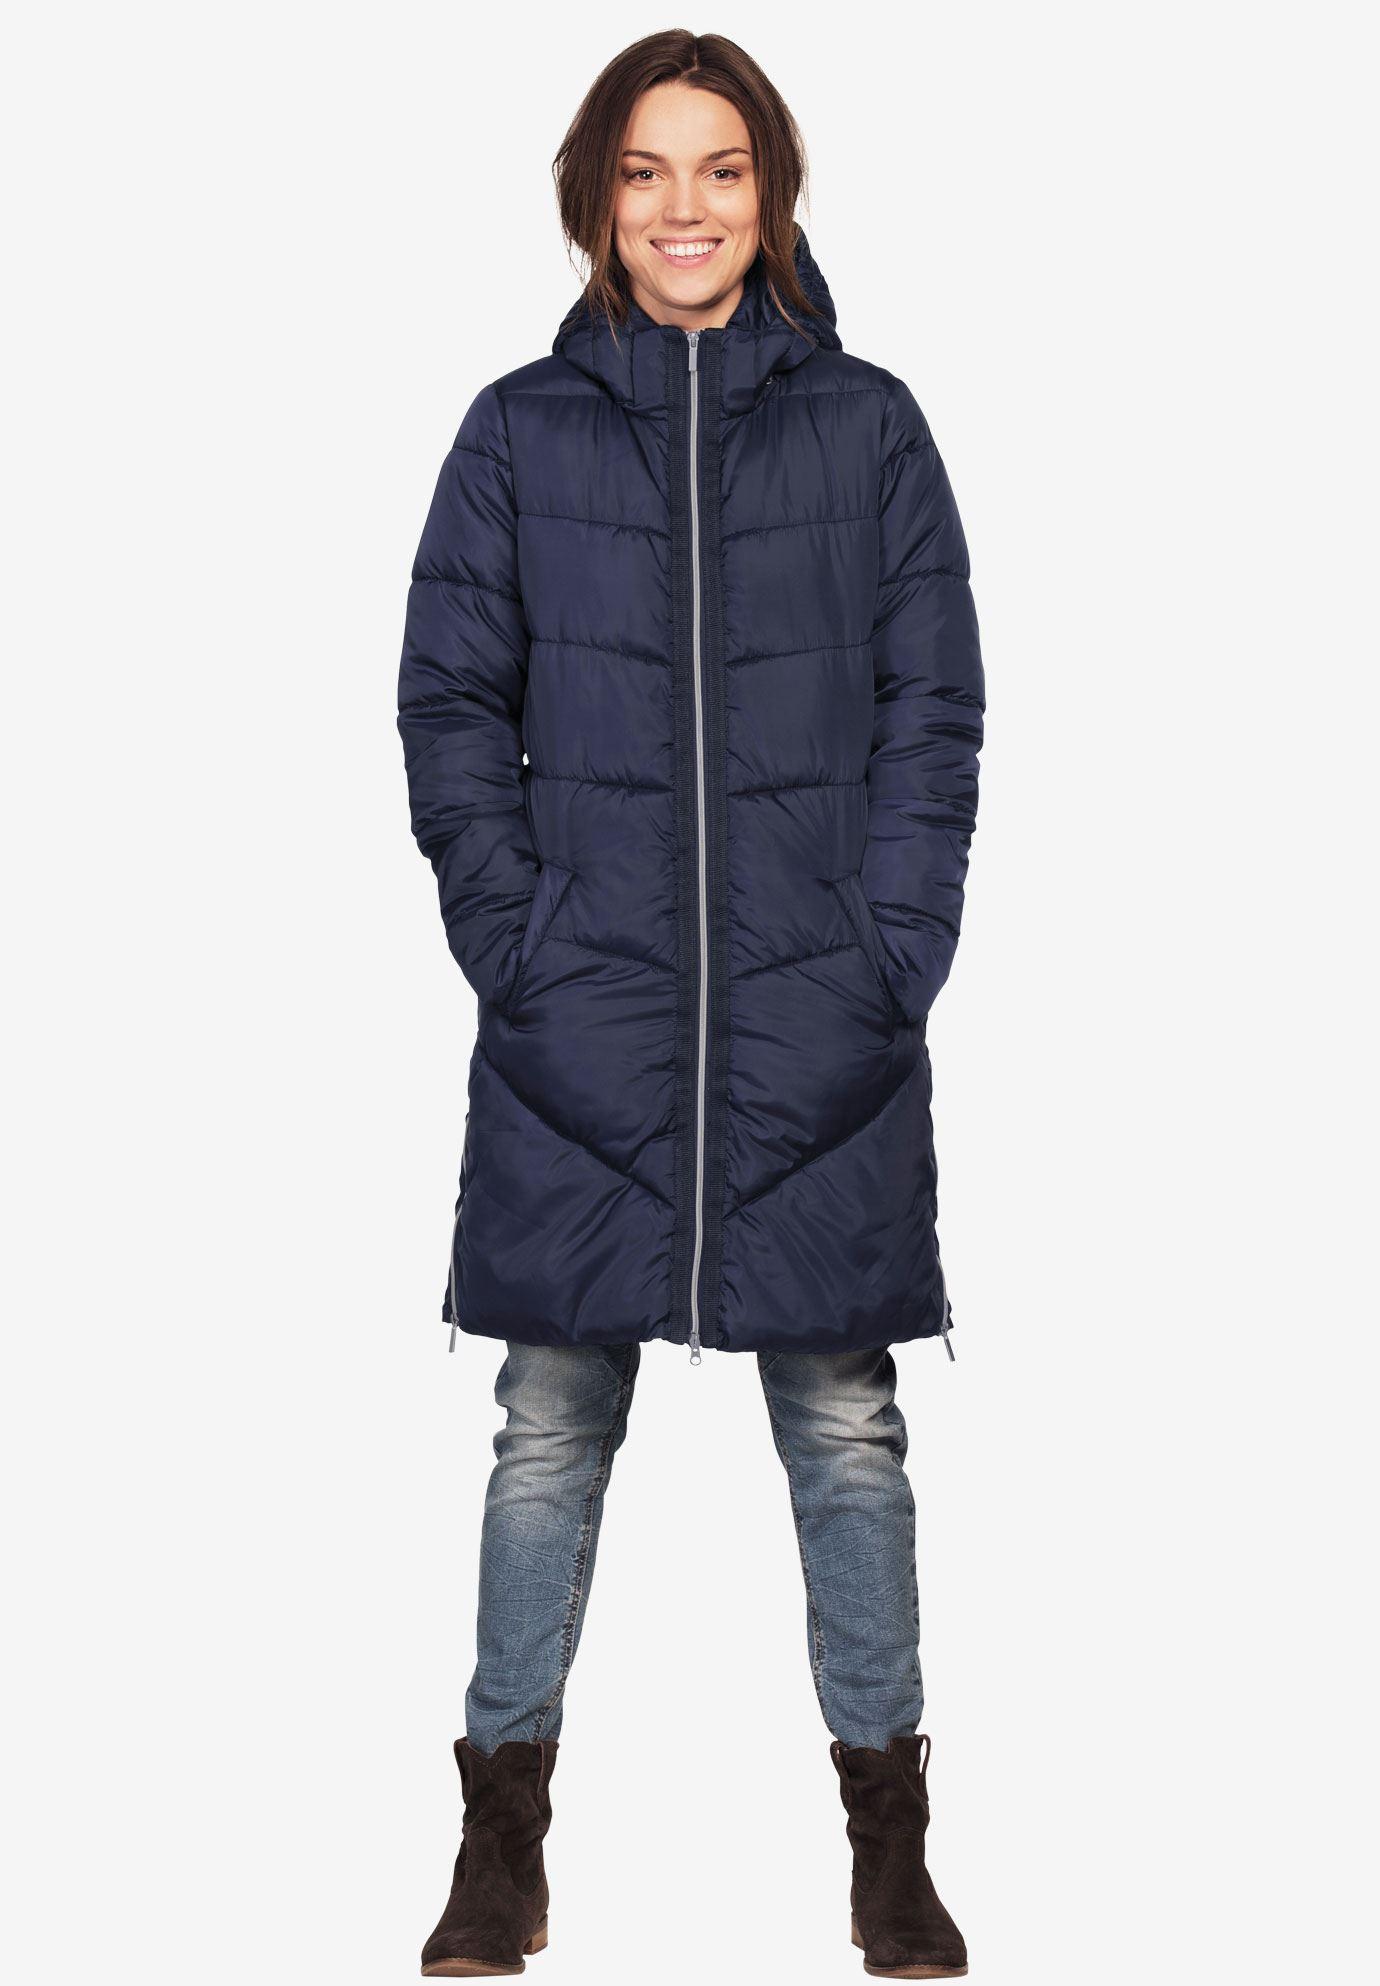 Kelly Green Blouse Plus Size | RLDM